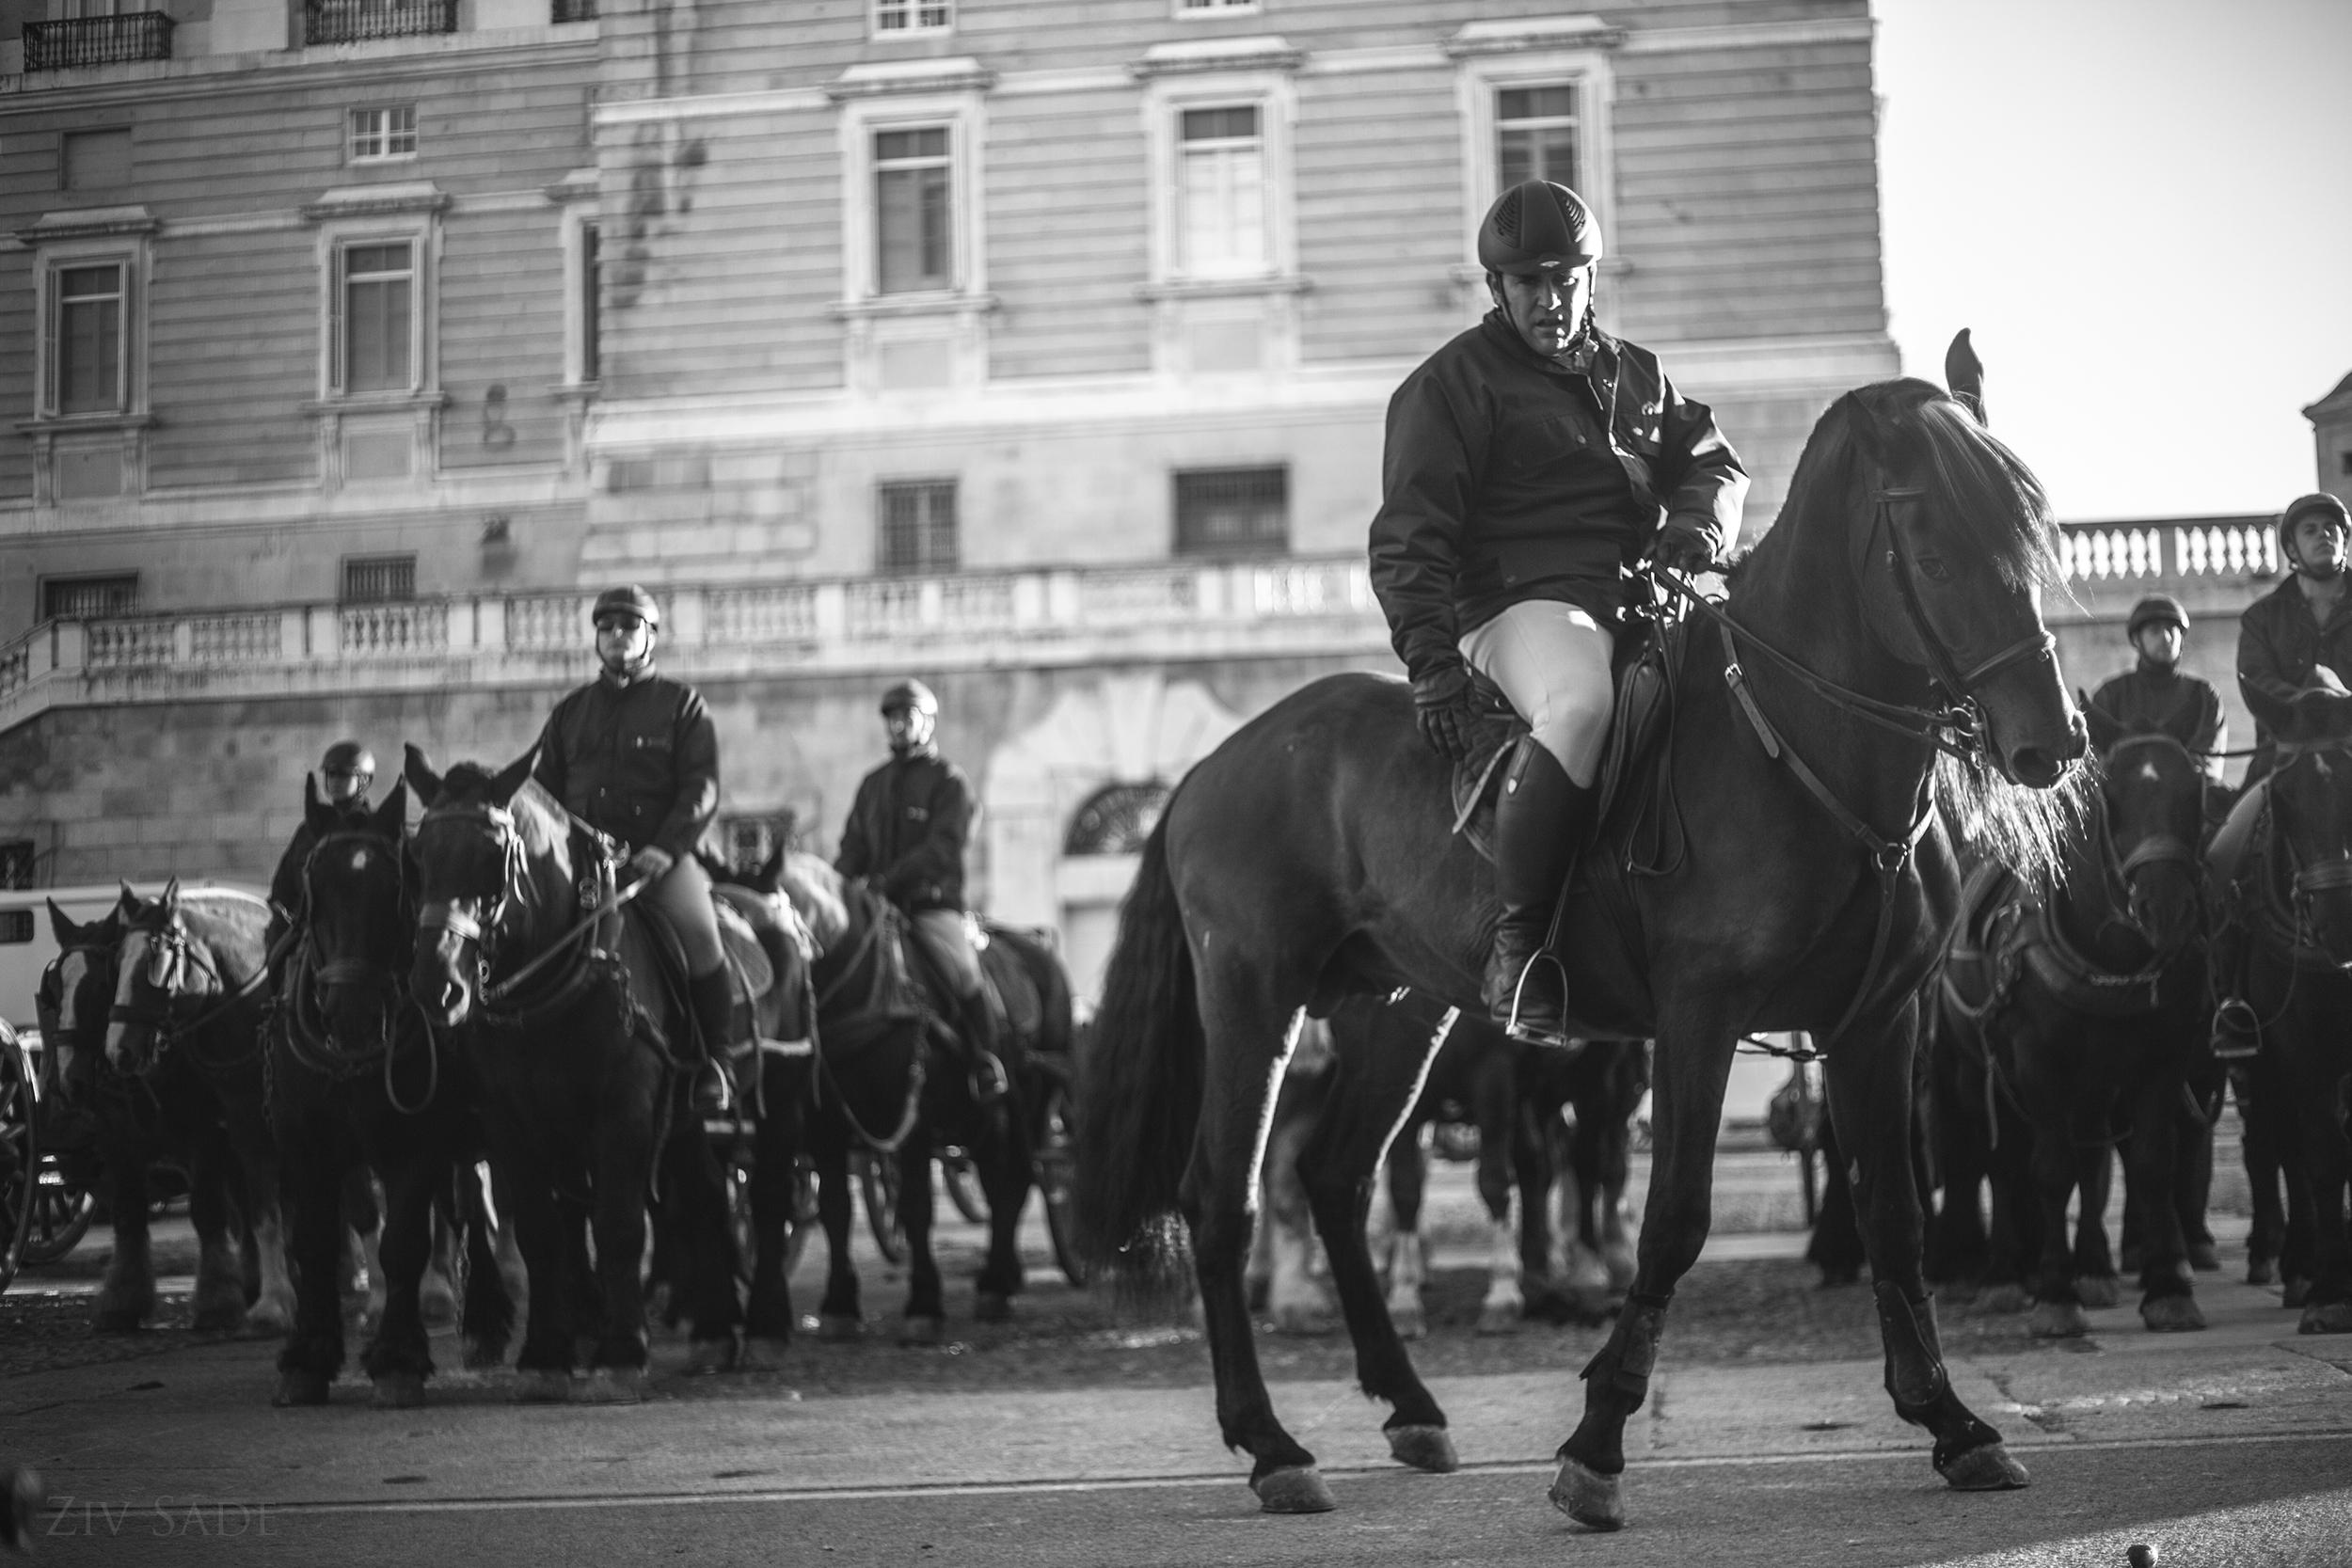 Madrid 2014